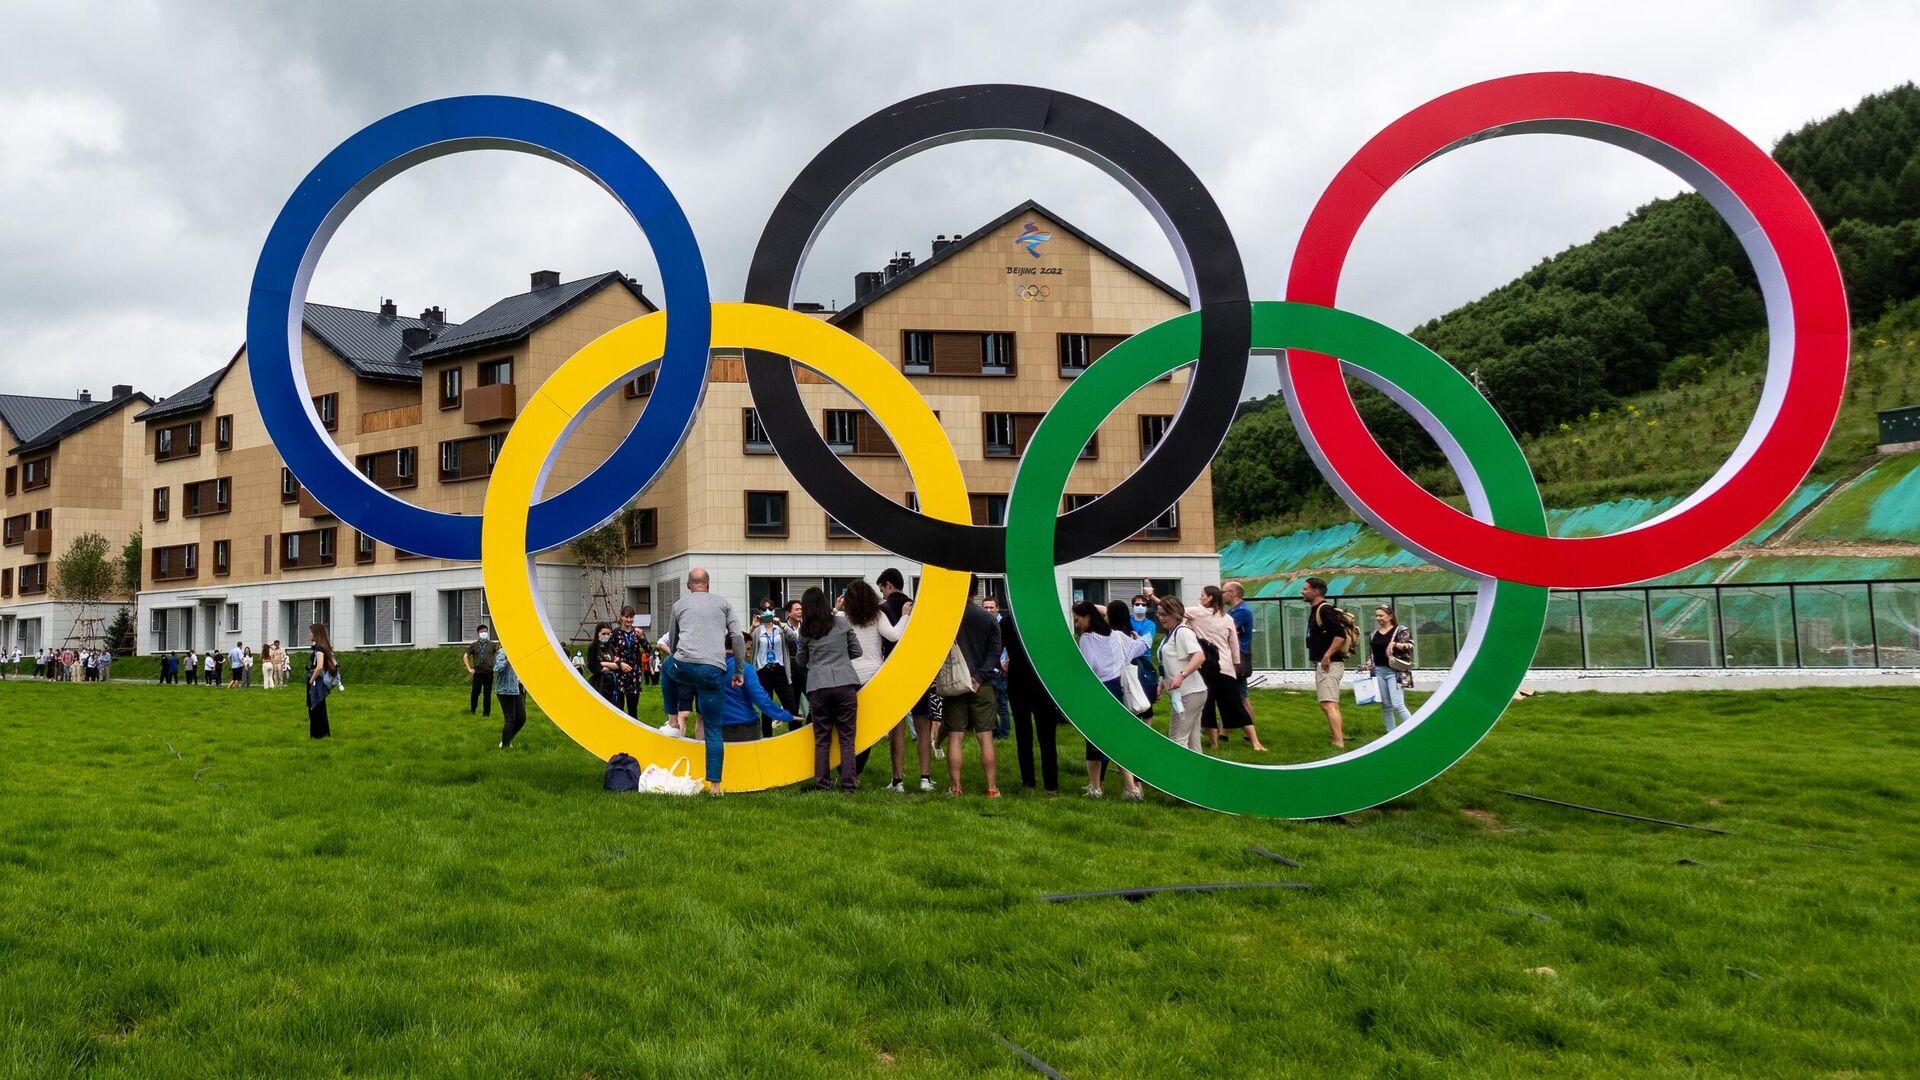 Олимпийские объекты зимних Олимпийских игр-2022 в Пекине - Sputnik Грузия, 1920, 30.09.2021